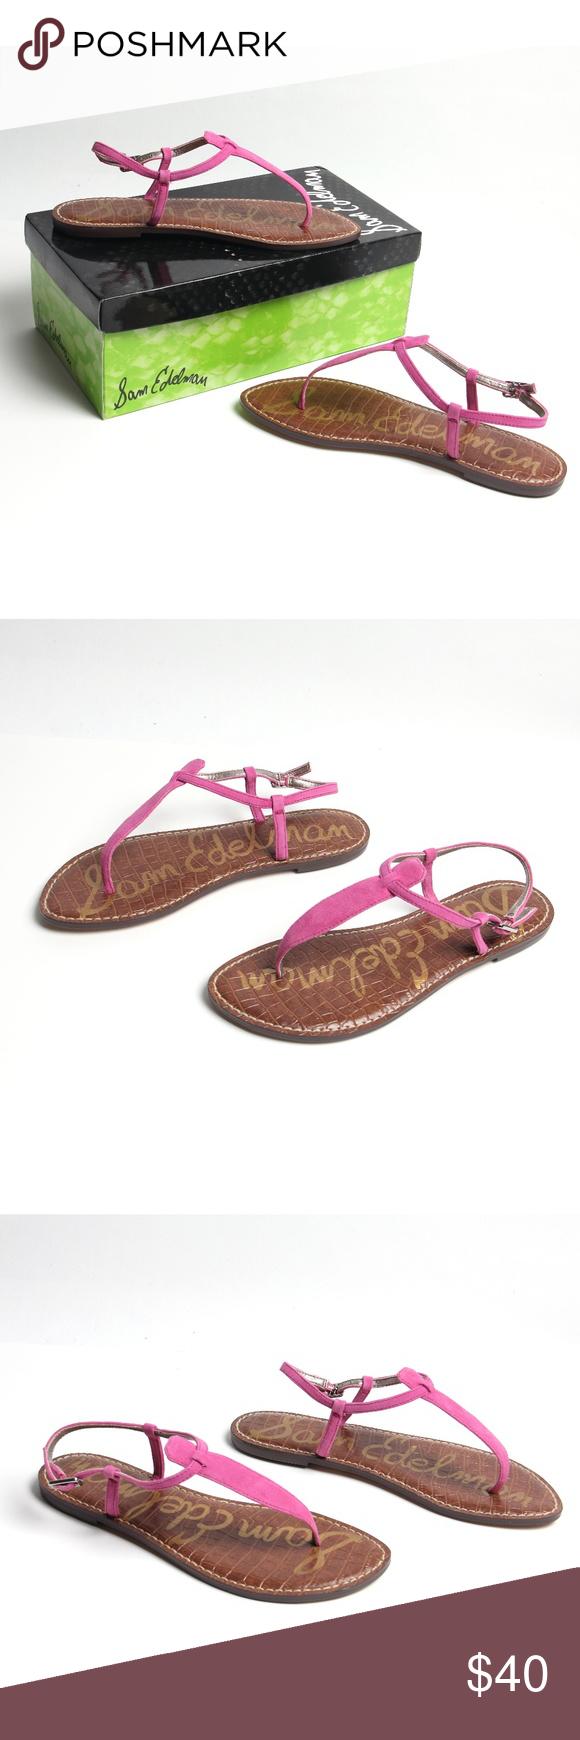 dcc57275f9f527 NIB - Sam Edelman - Gigi Pink Suede Thong Sandals Pink Suede Gigi Thong  sandals by